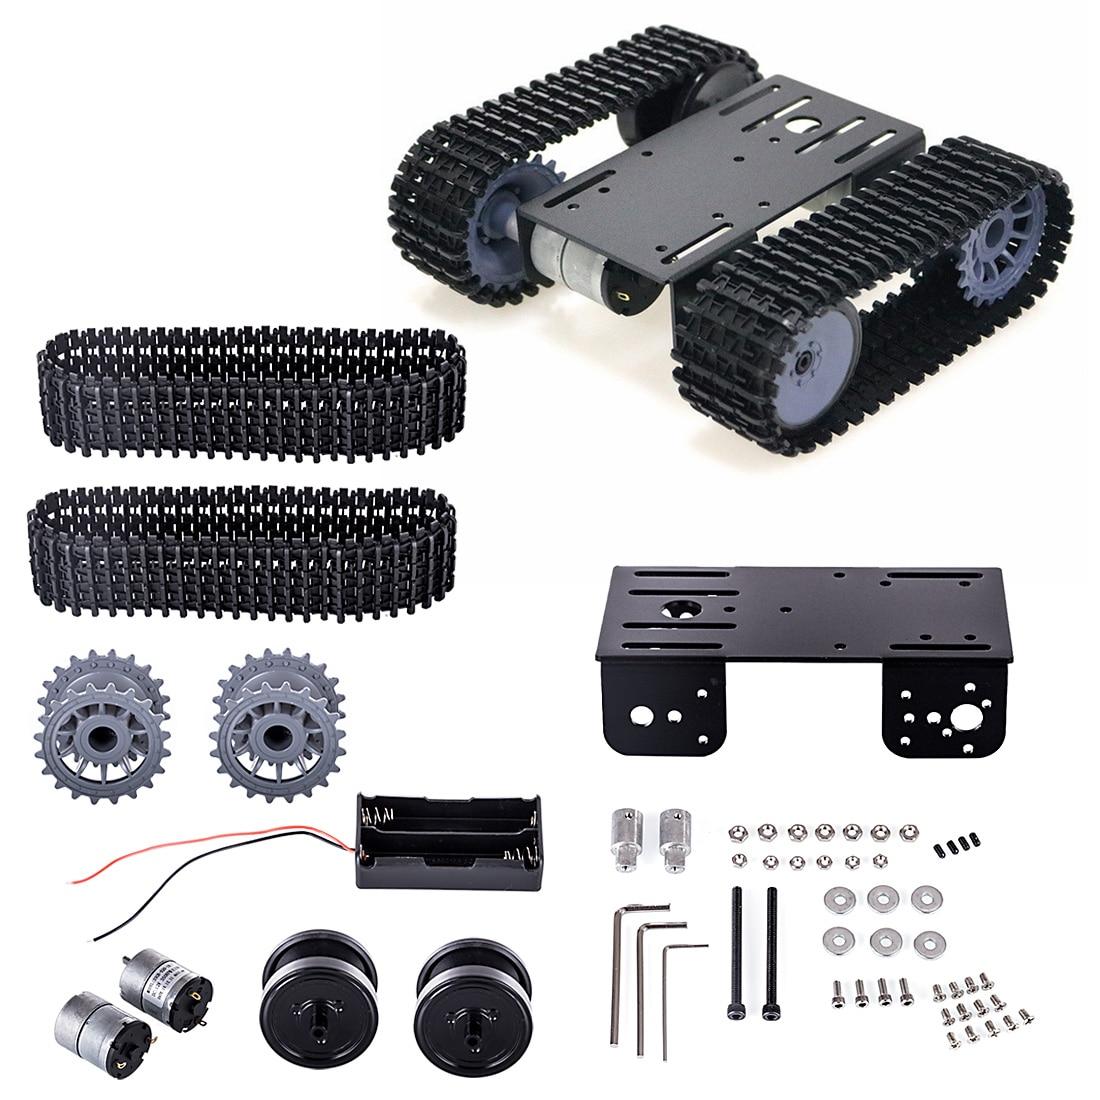 TP101 Robot à chenilles plate-forme de voiture intelligente bricolage métal Robot réservoir chenille châssis plate-forme Kit pour Arduino-noir/bleu/blanc